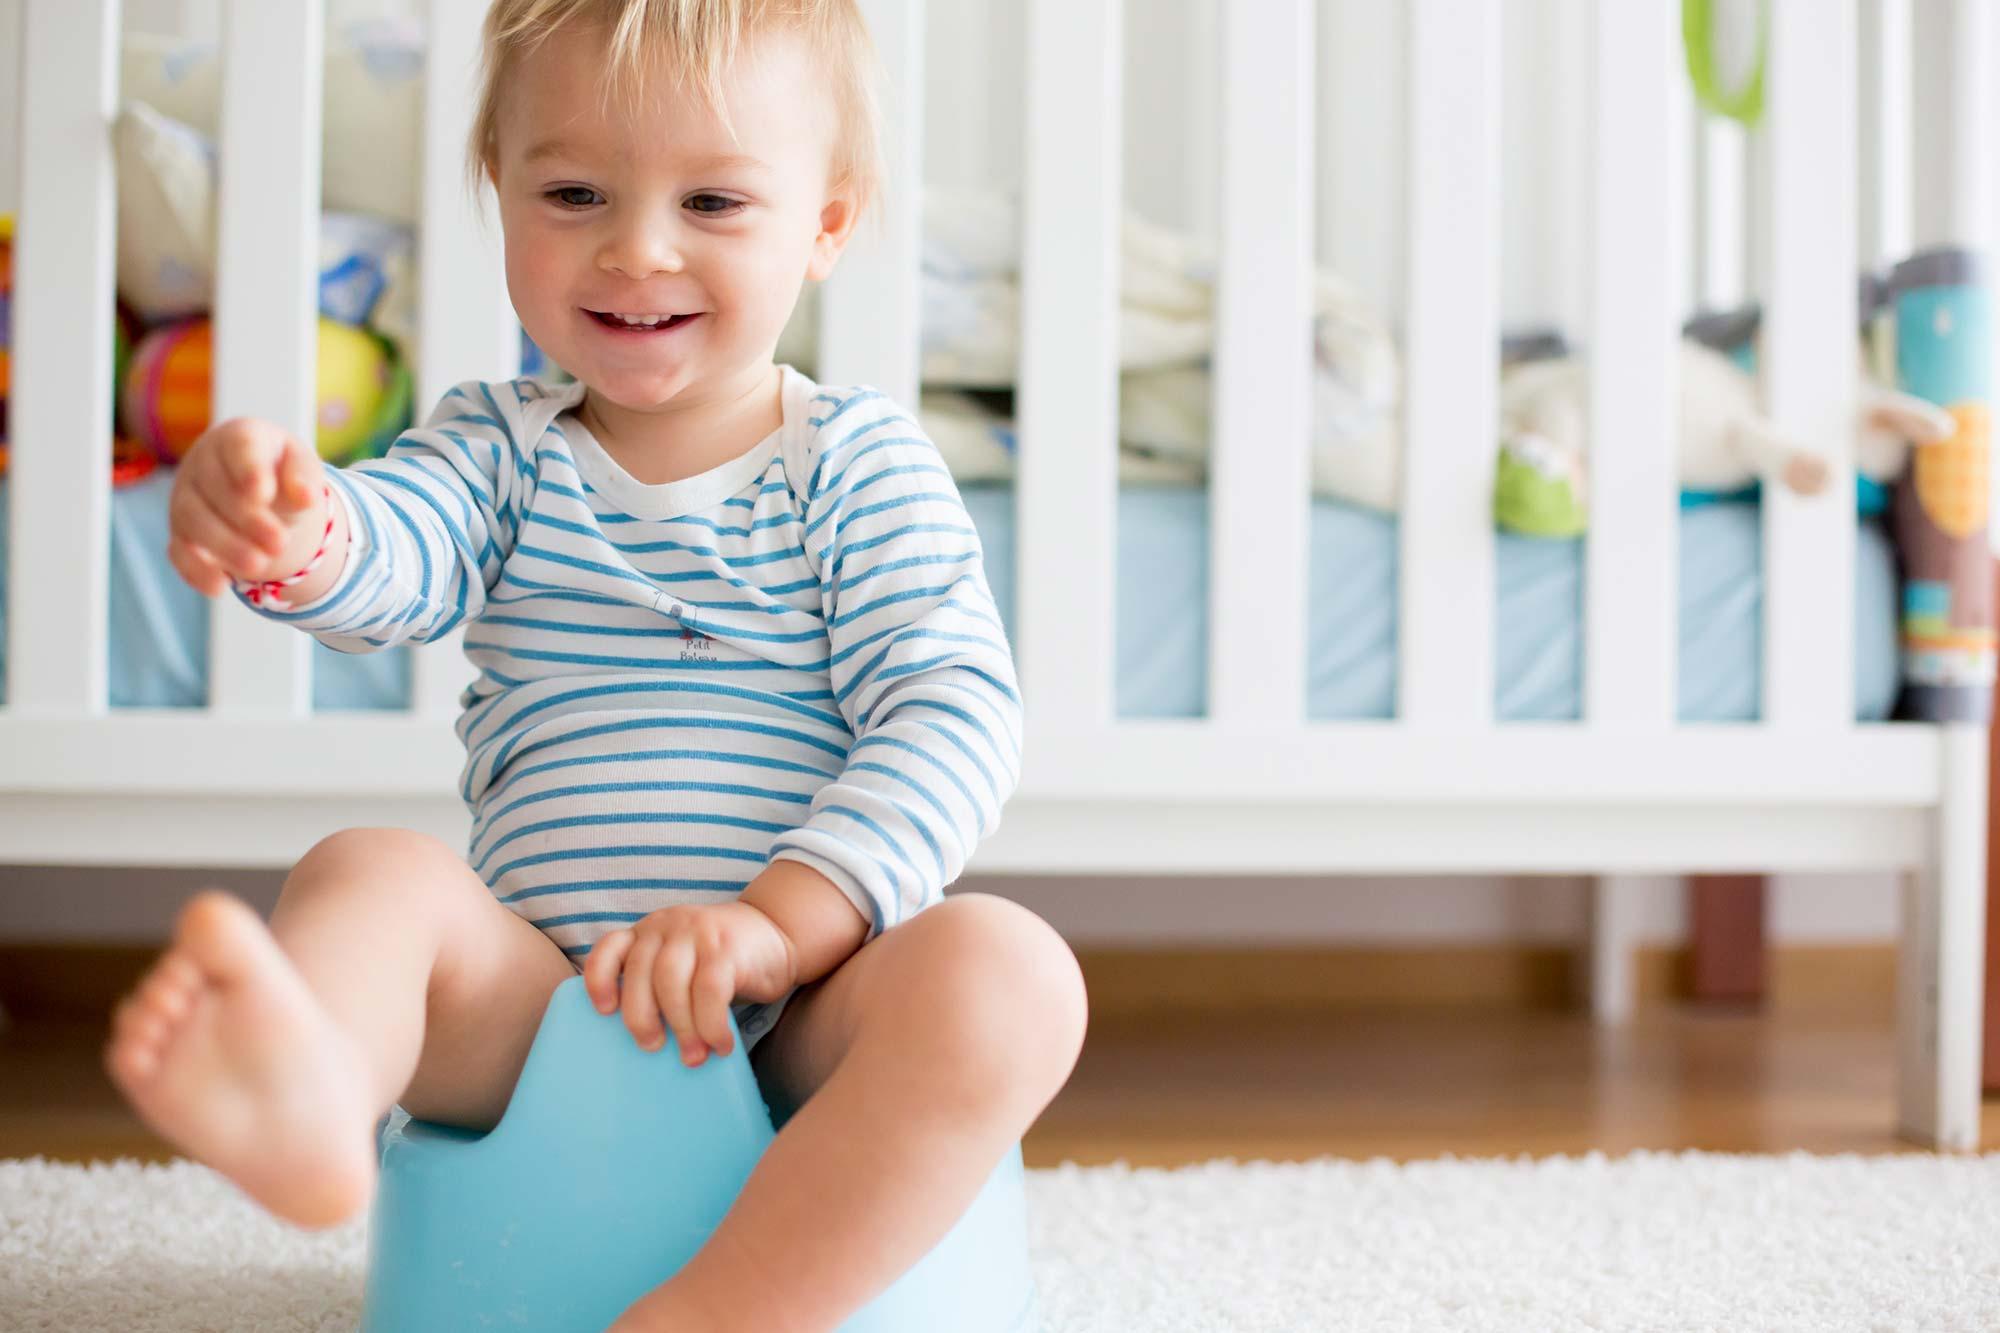 Töpfchentraining - Wie wird Dein Kind trocken?